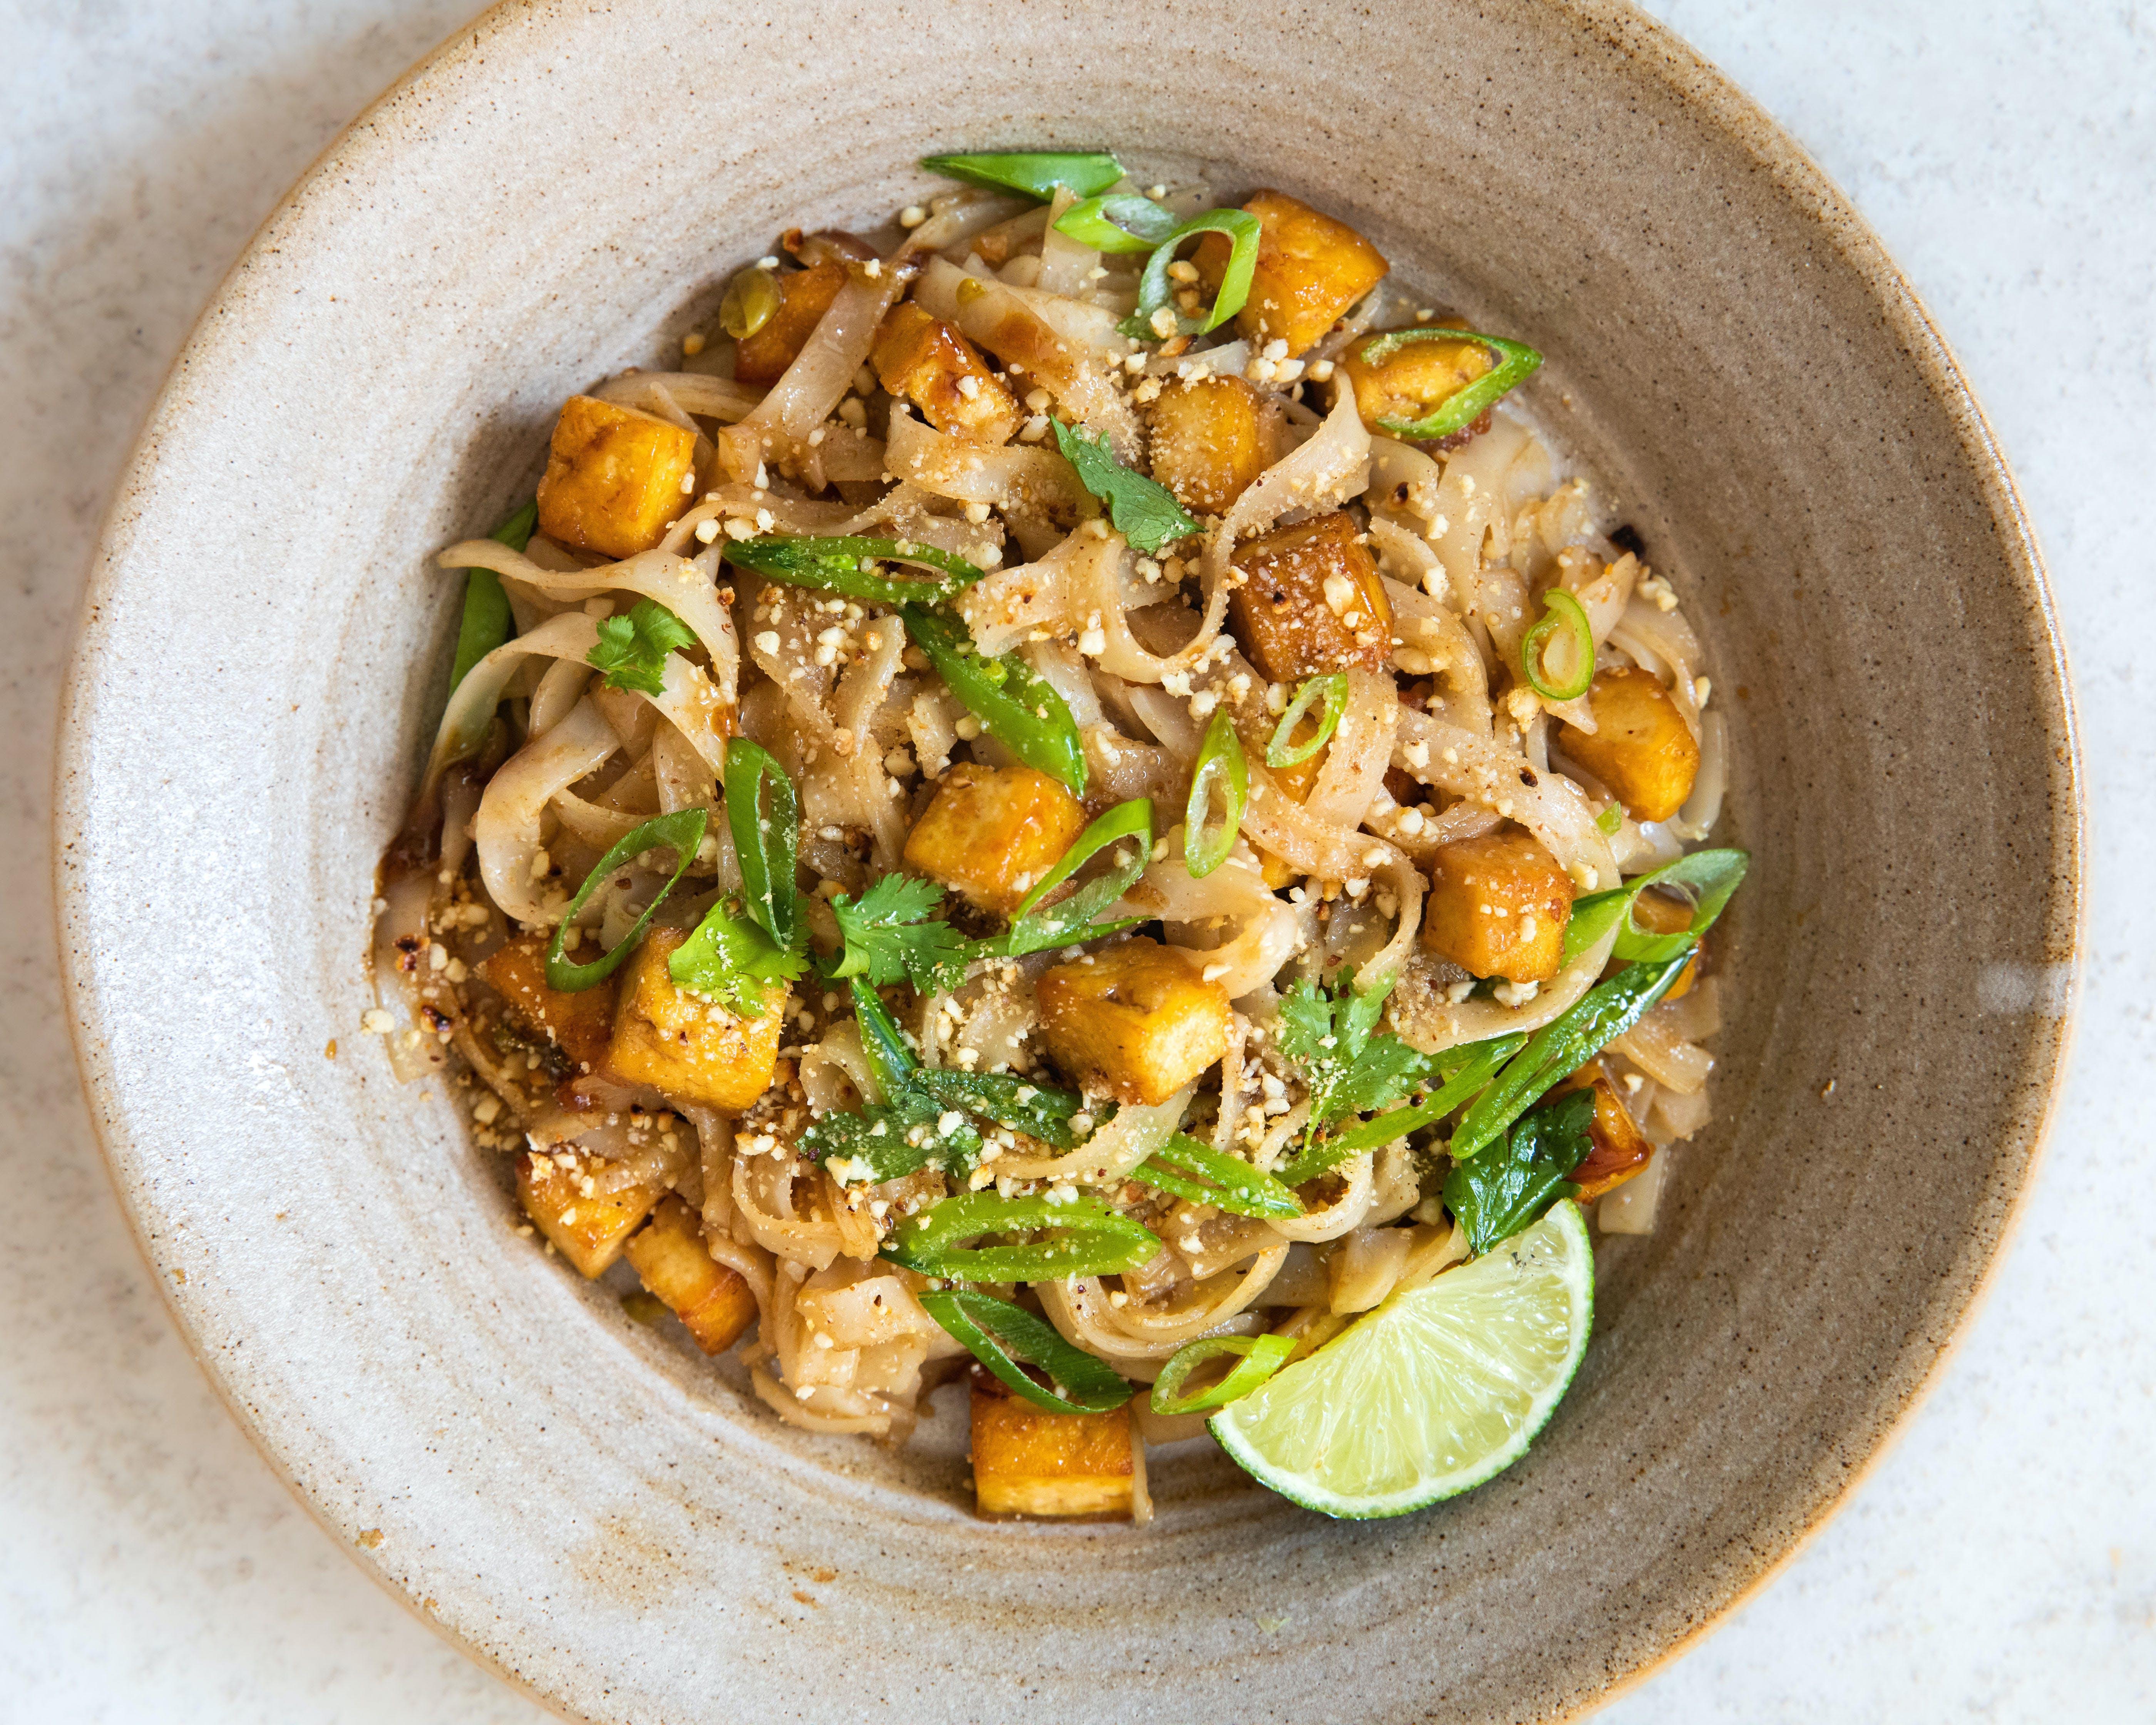 Pad Thai in a bowl